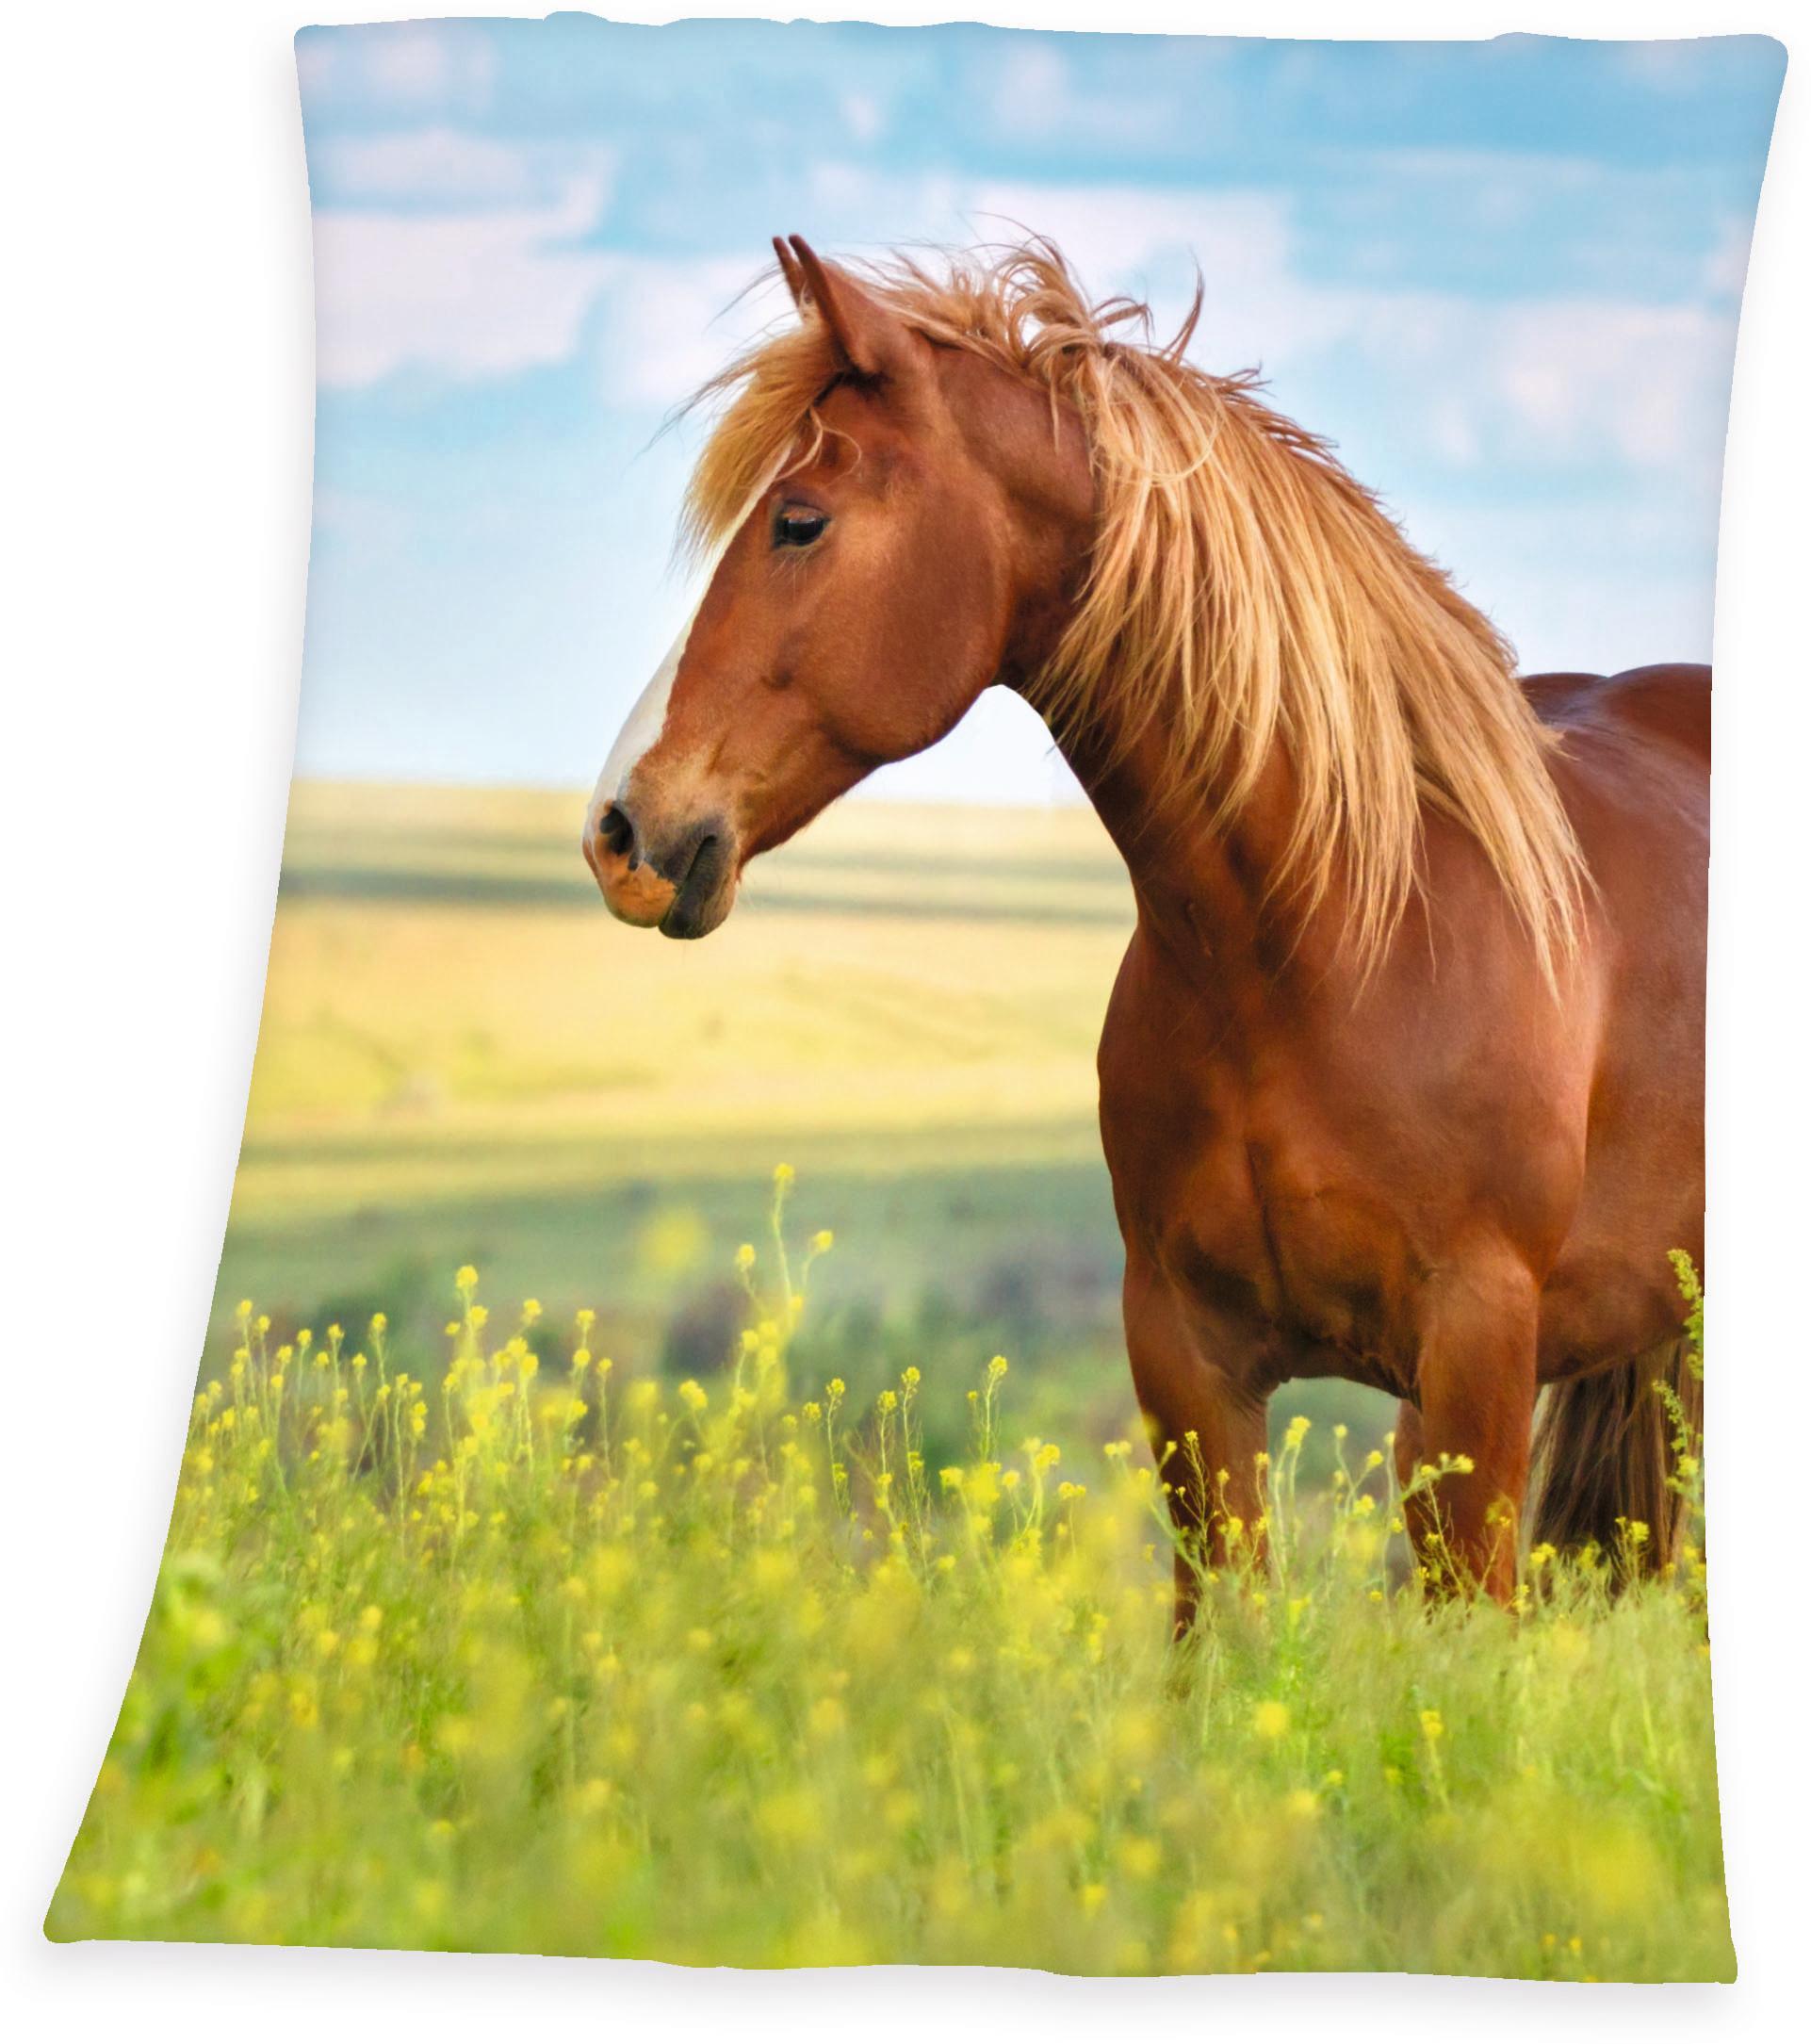 Kinderdecke Pferd Herding Young Collection | Kinderzimmer > Textilien für Kinder > Kinderbettwäsche | Grün | Herding Young Collection